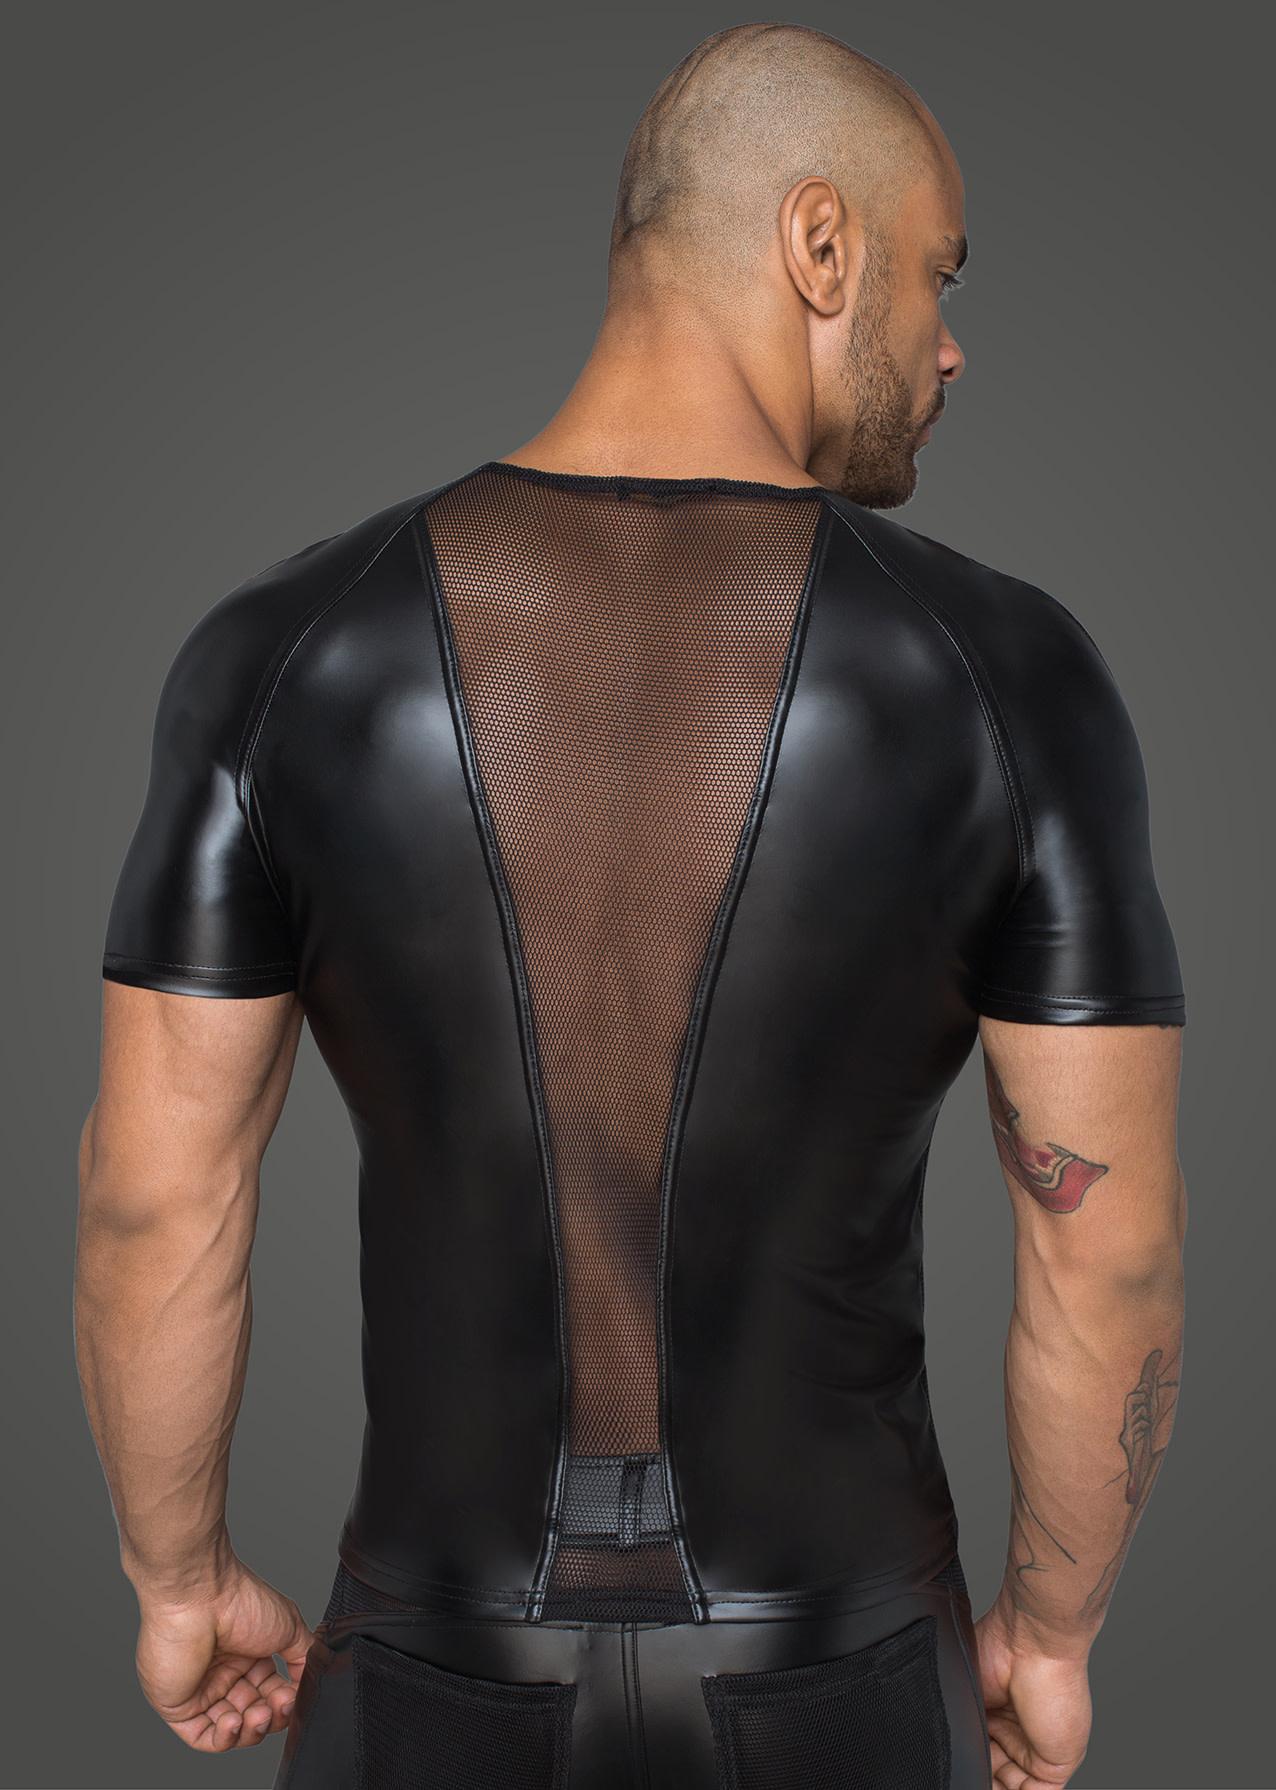 Wetlook and Mesh Panel Shirt